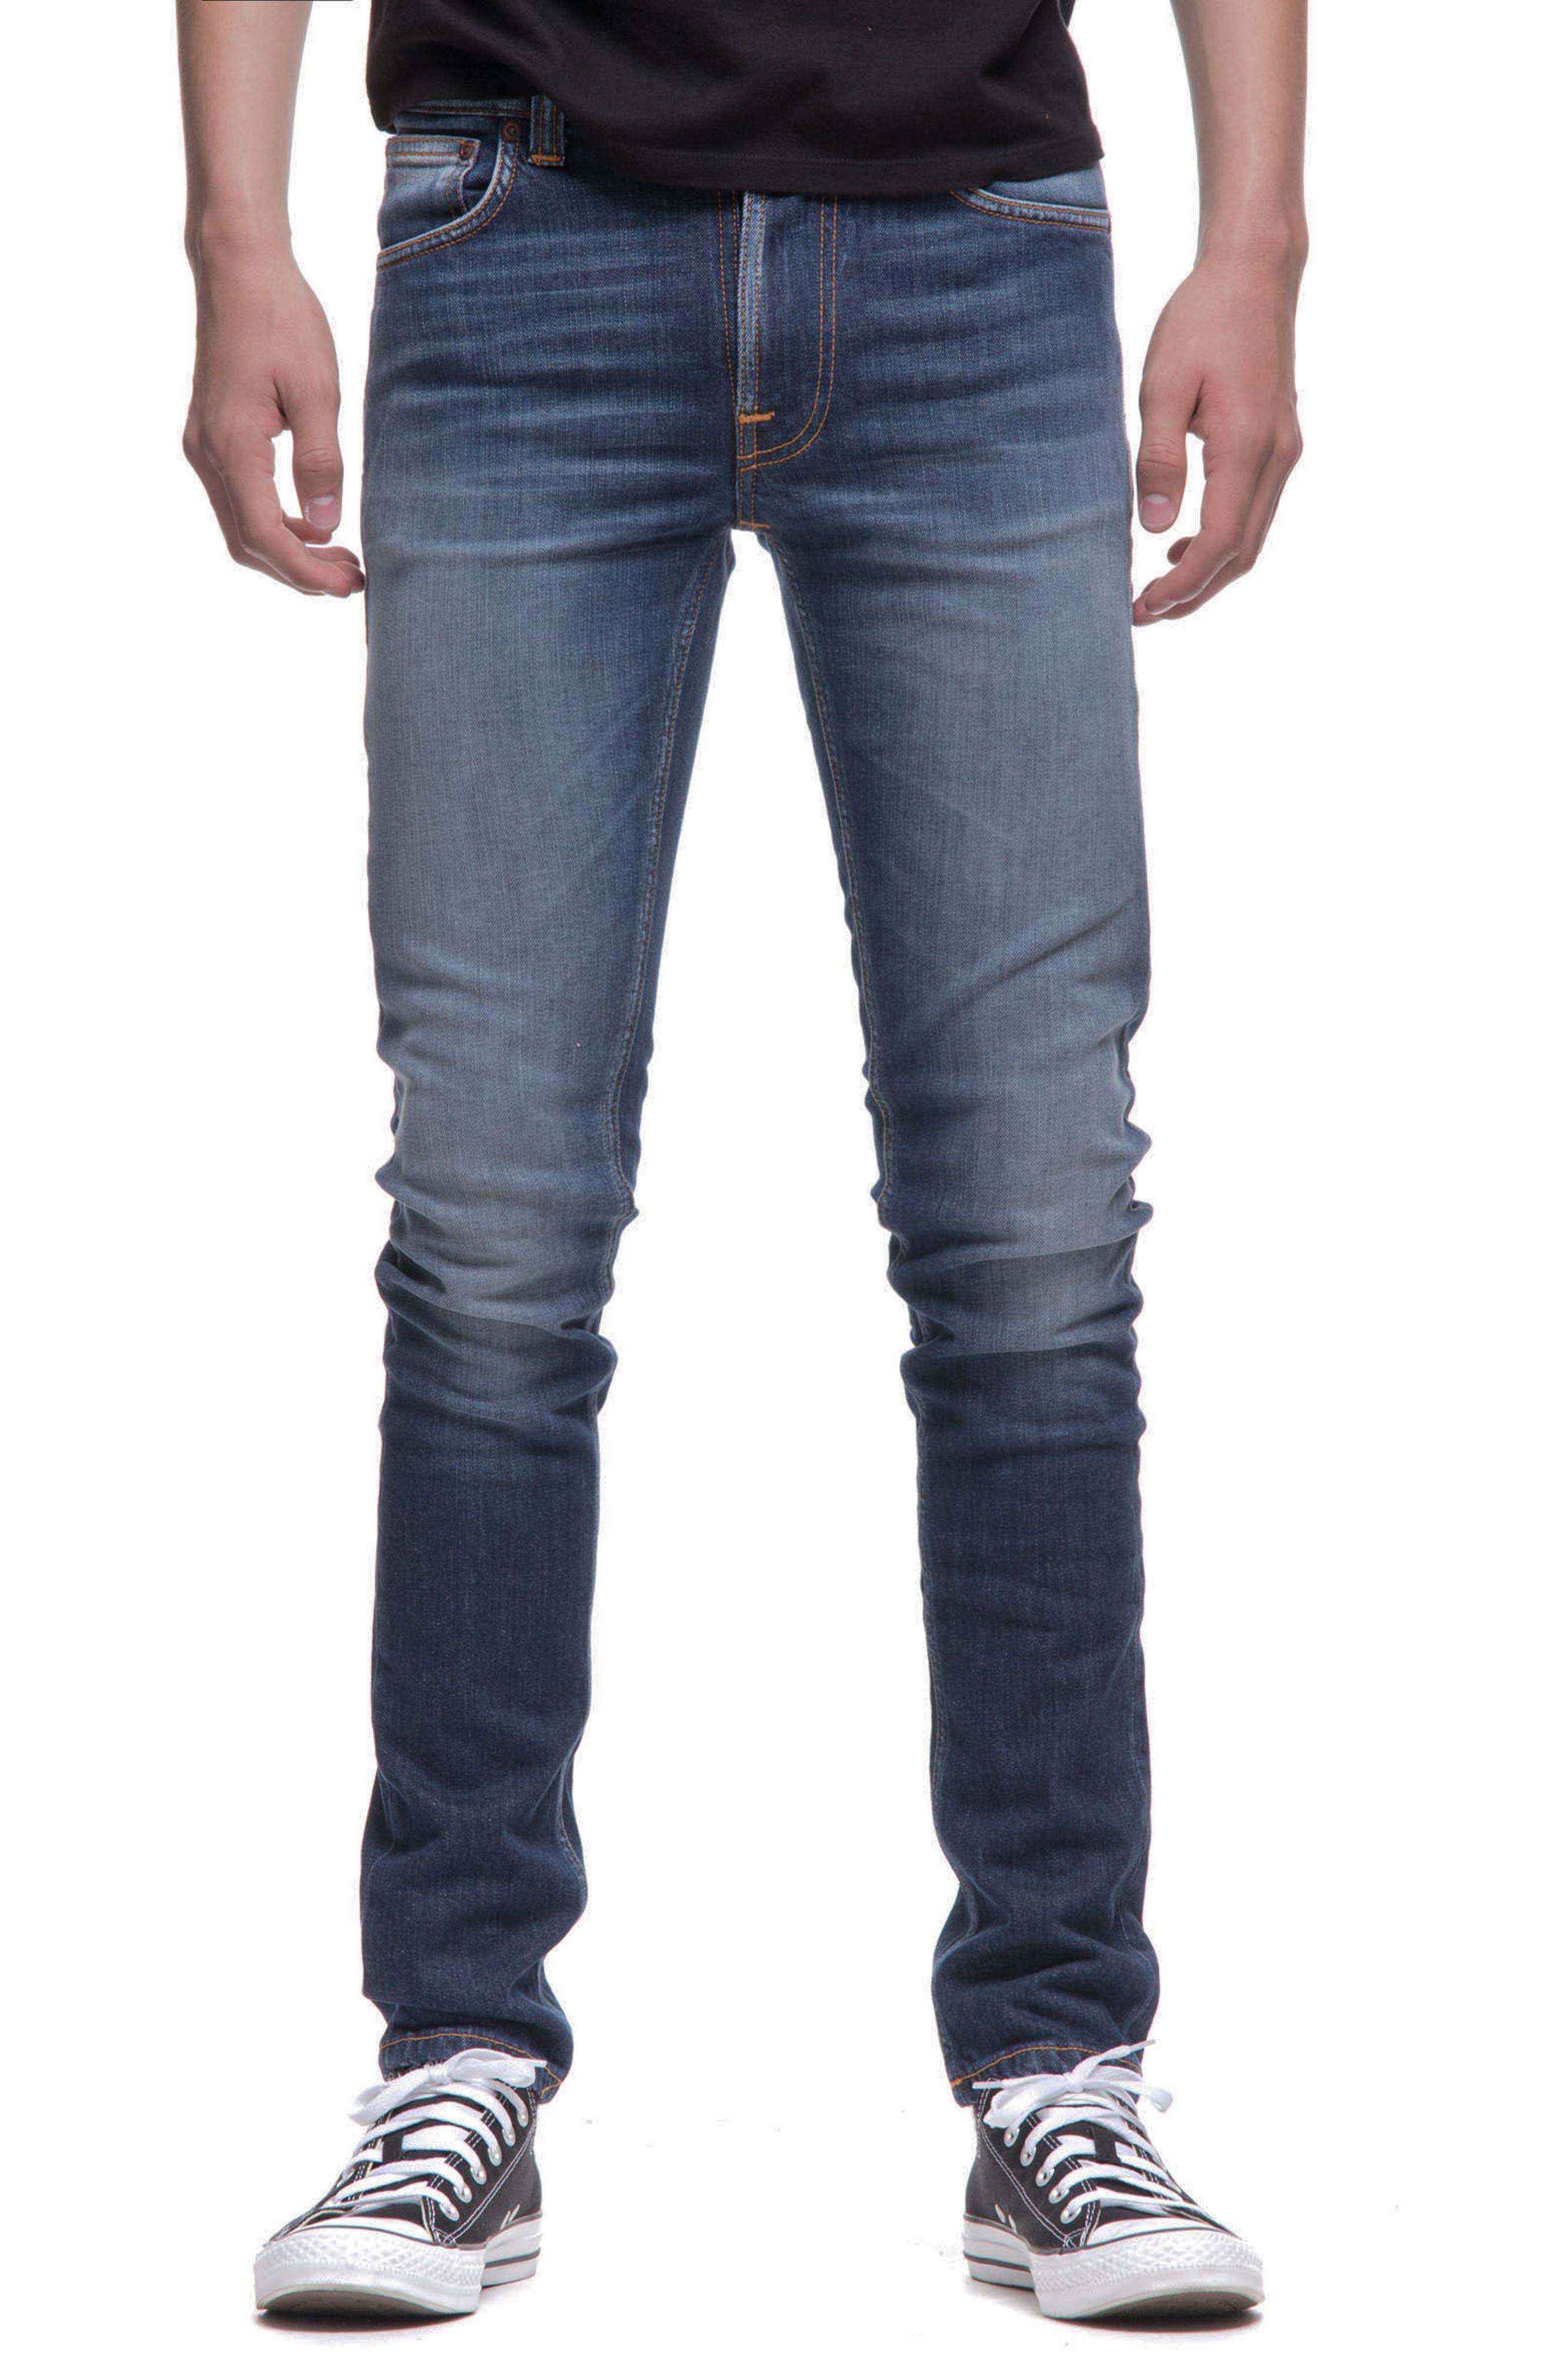 Nudie Jeans Lean Dean Slouchy Slim Fit Jeans (Blue Ridge)